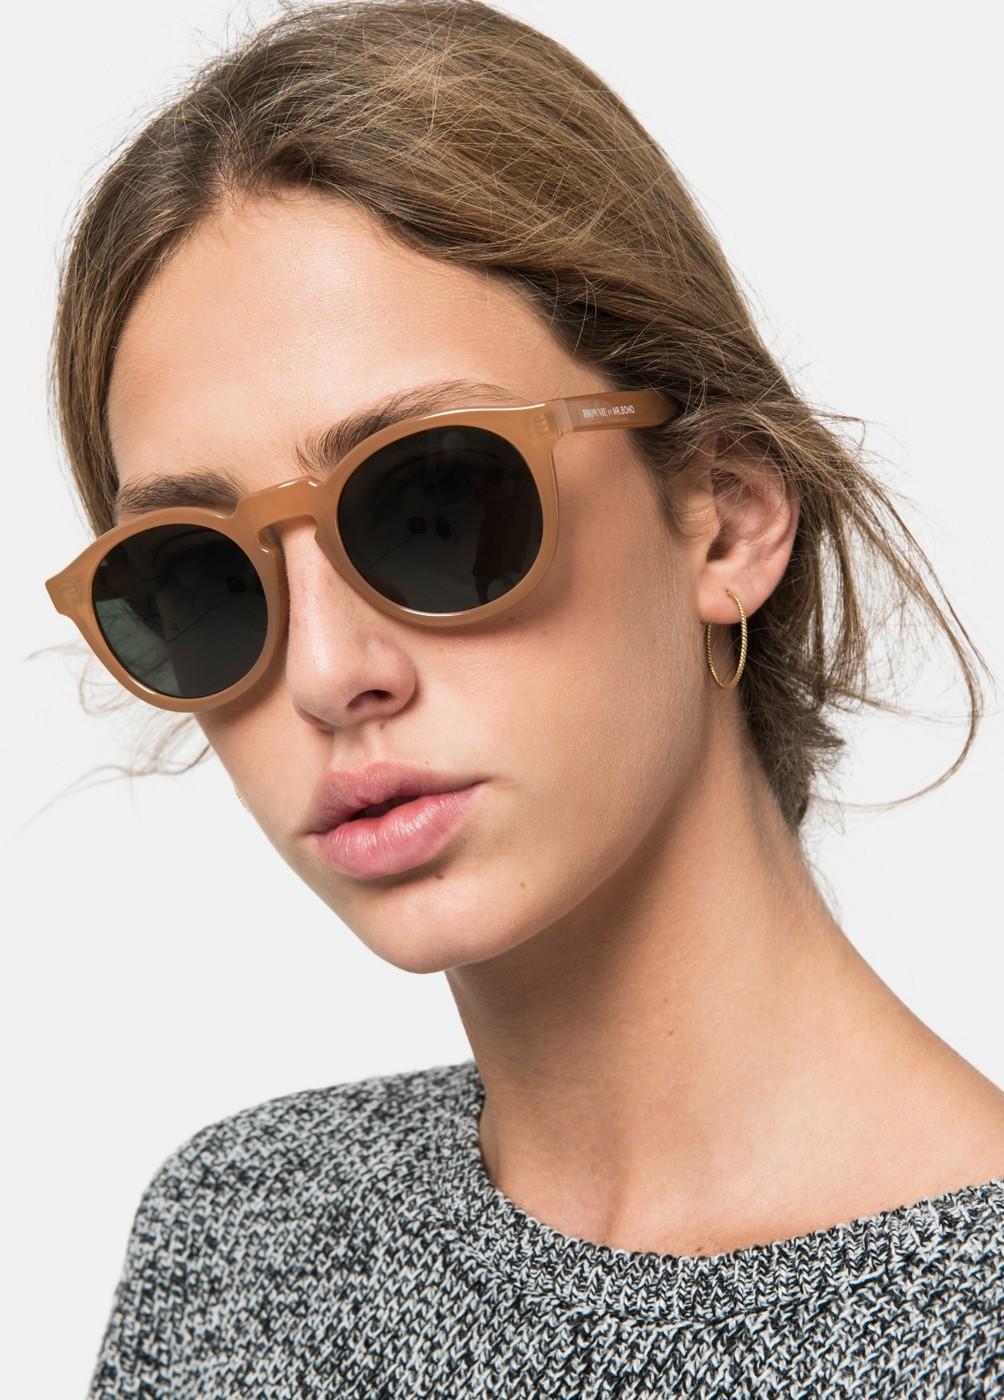 oculos Jordaan Abr1-11